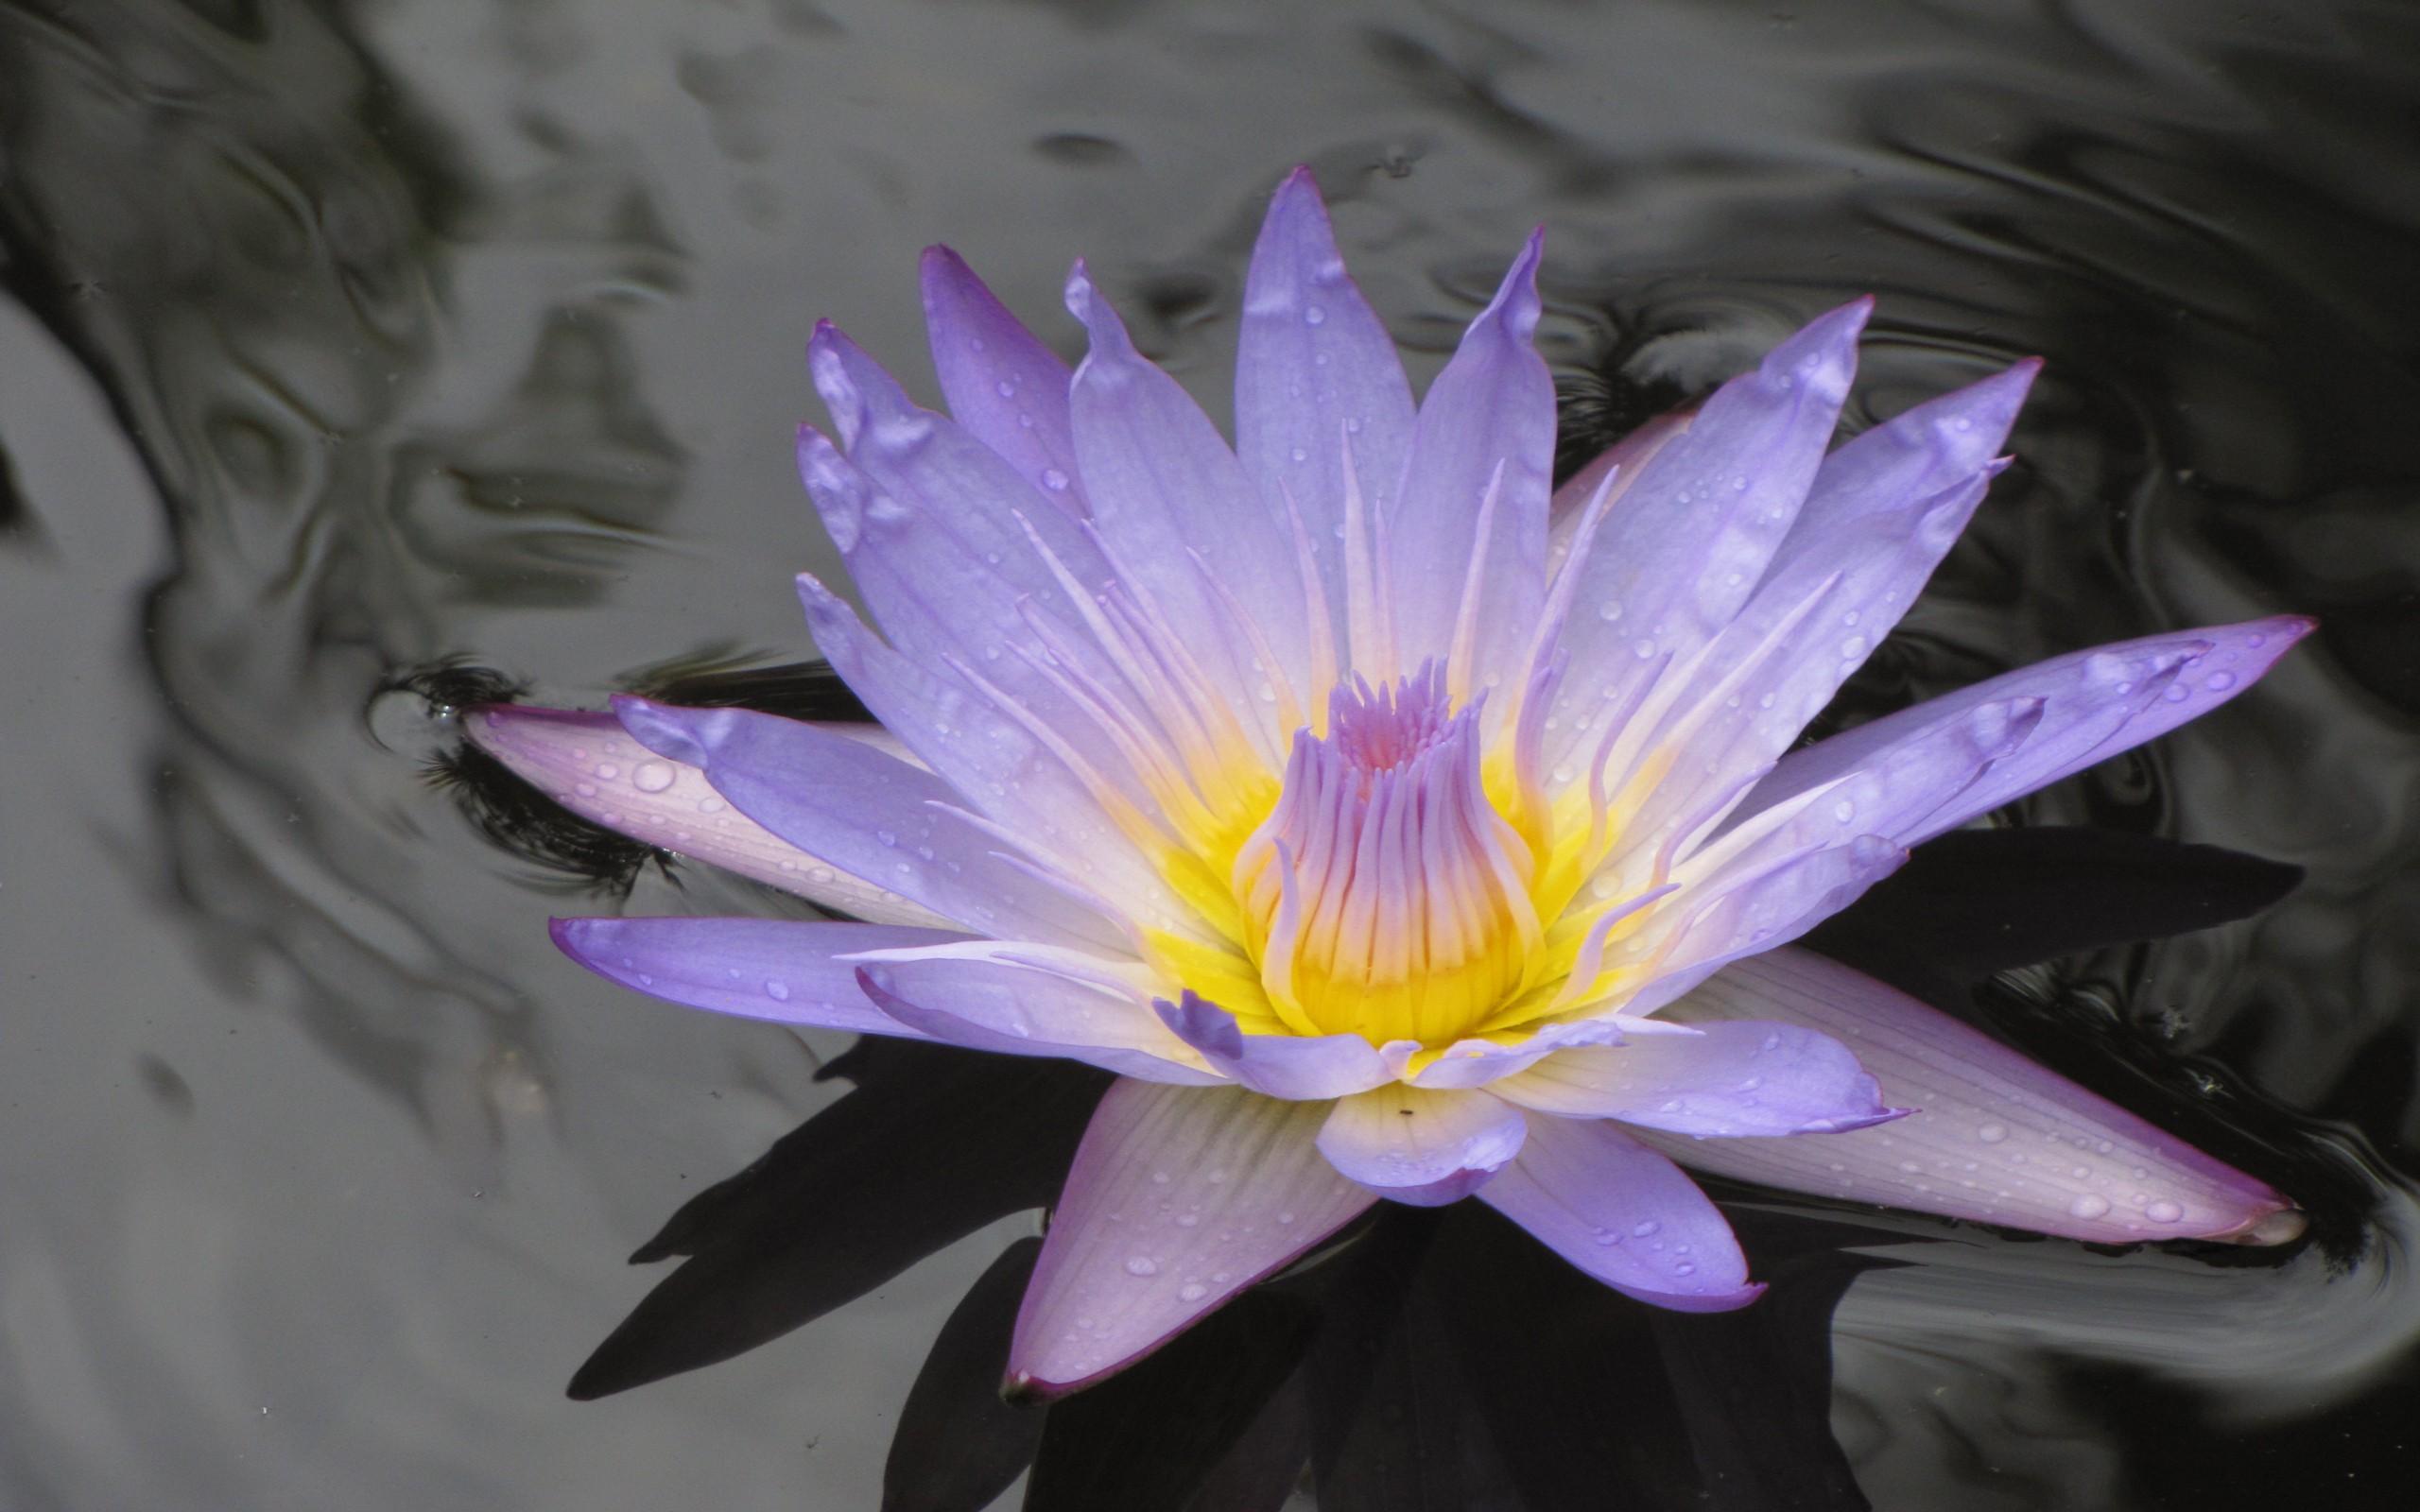 Una flor en un lago - 2560x1600